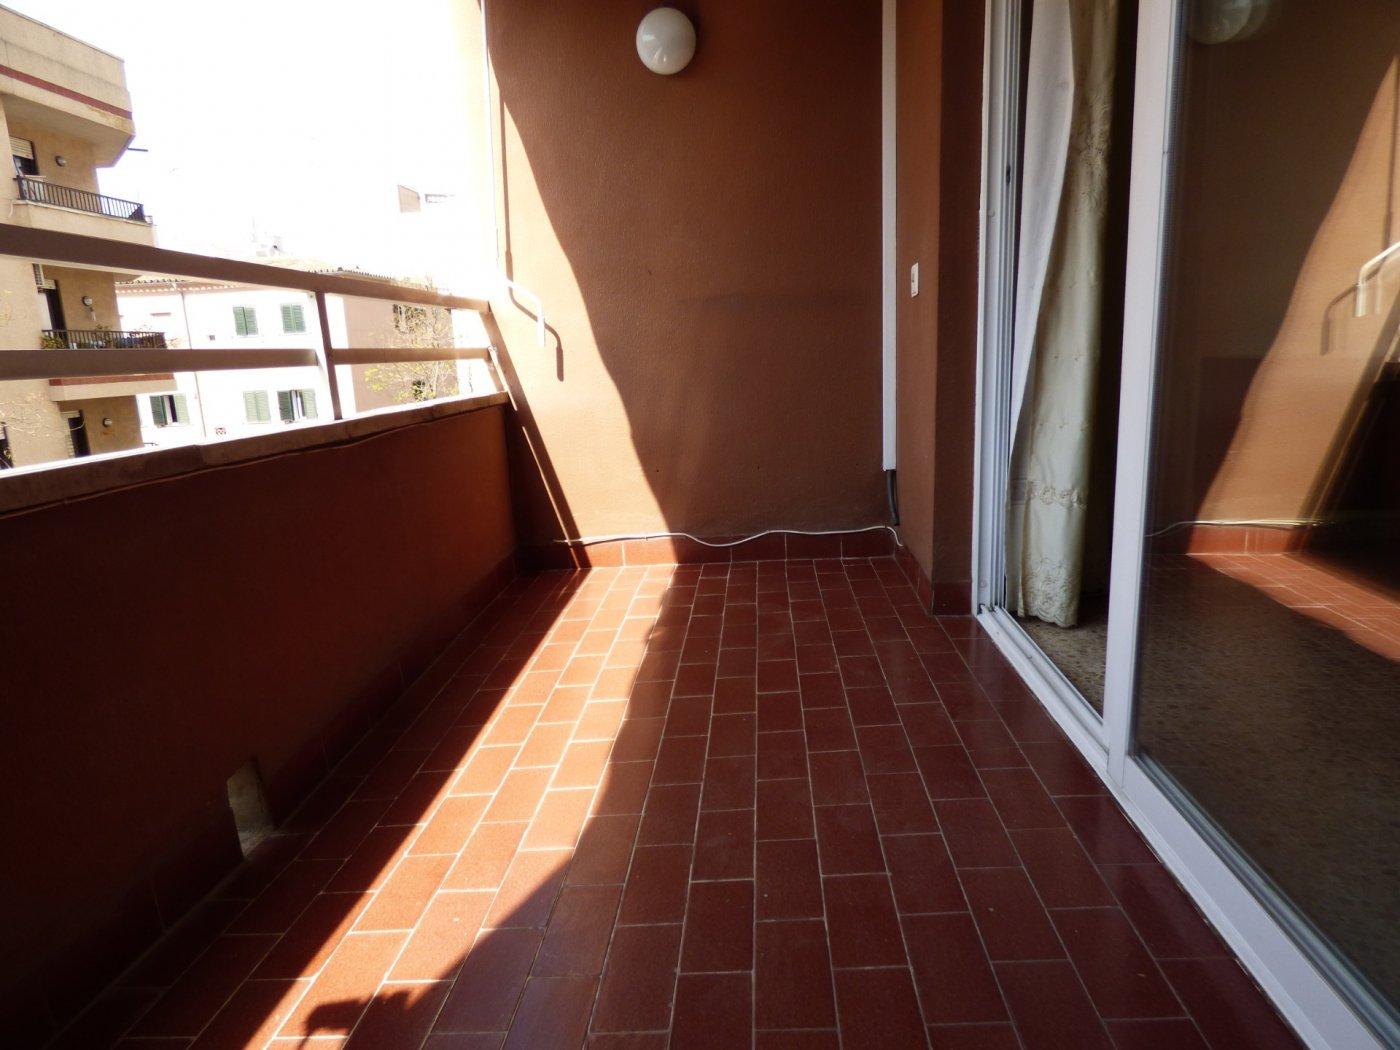 Amplio piso en son cotoner con garaje - imagenInmueble3